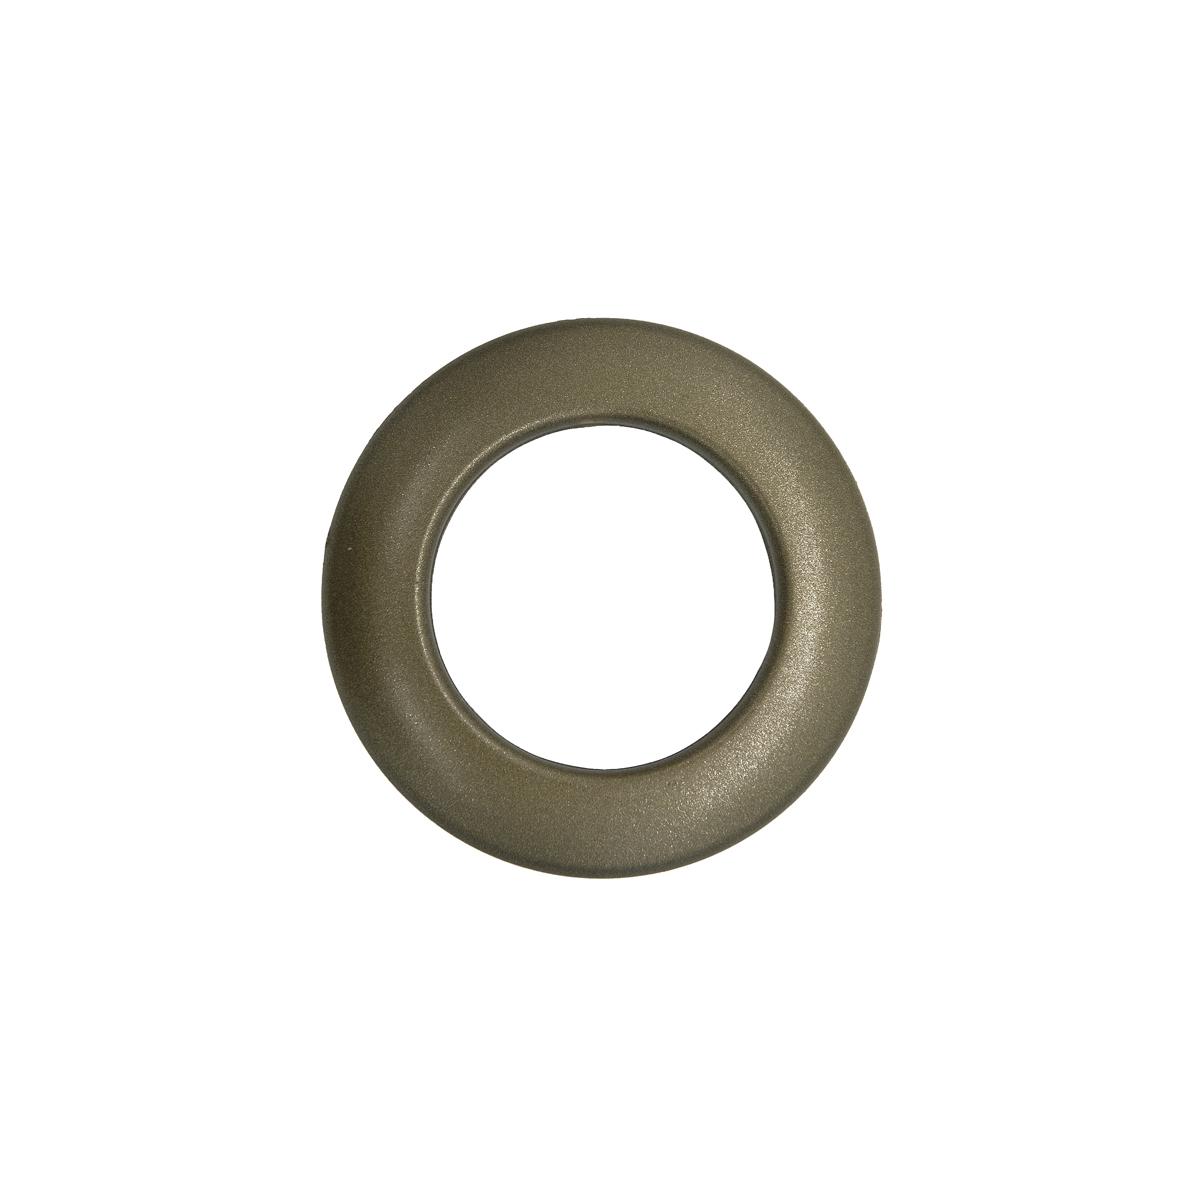 Люверс шторный, d 35 мм, латунь (10), упак./10 шт., Belladonna